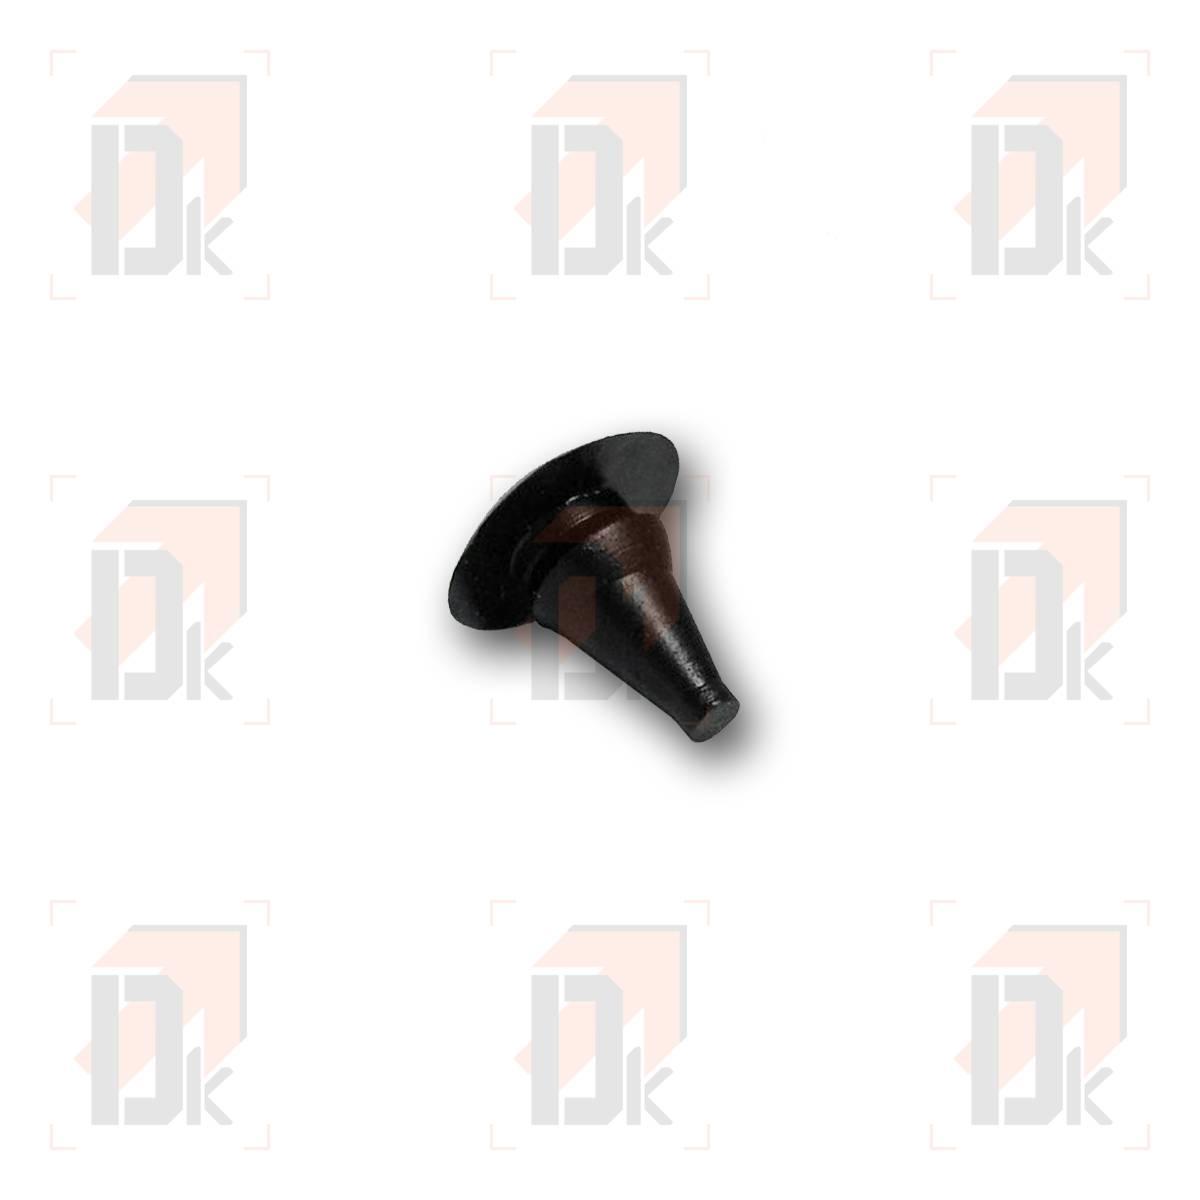 tampon-plancher-otk-noir-to-0225.06